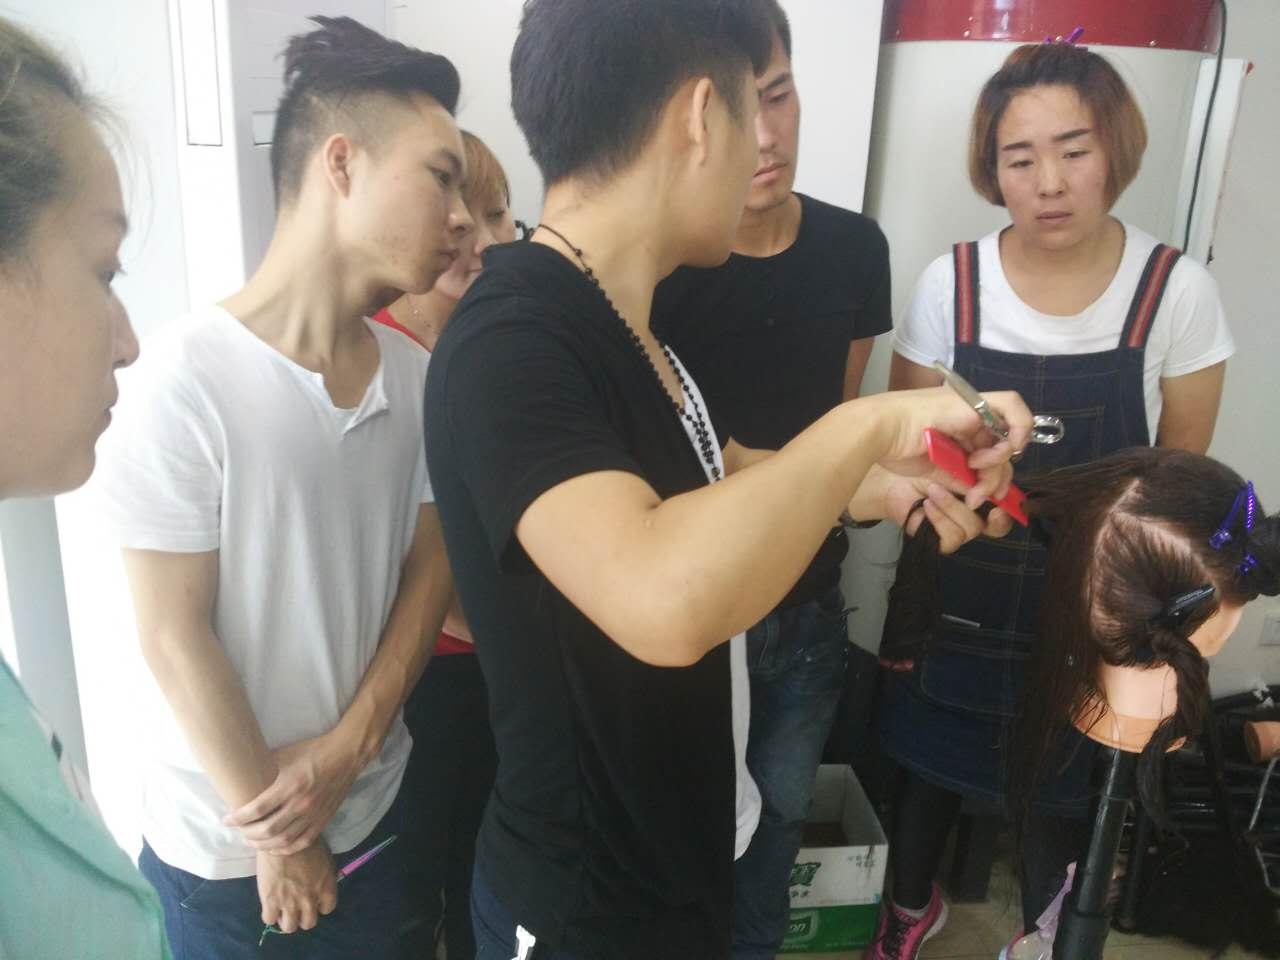 成都温江有哪些美容美发培训学校 托尼盖经典裁剪技术